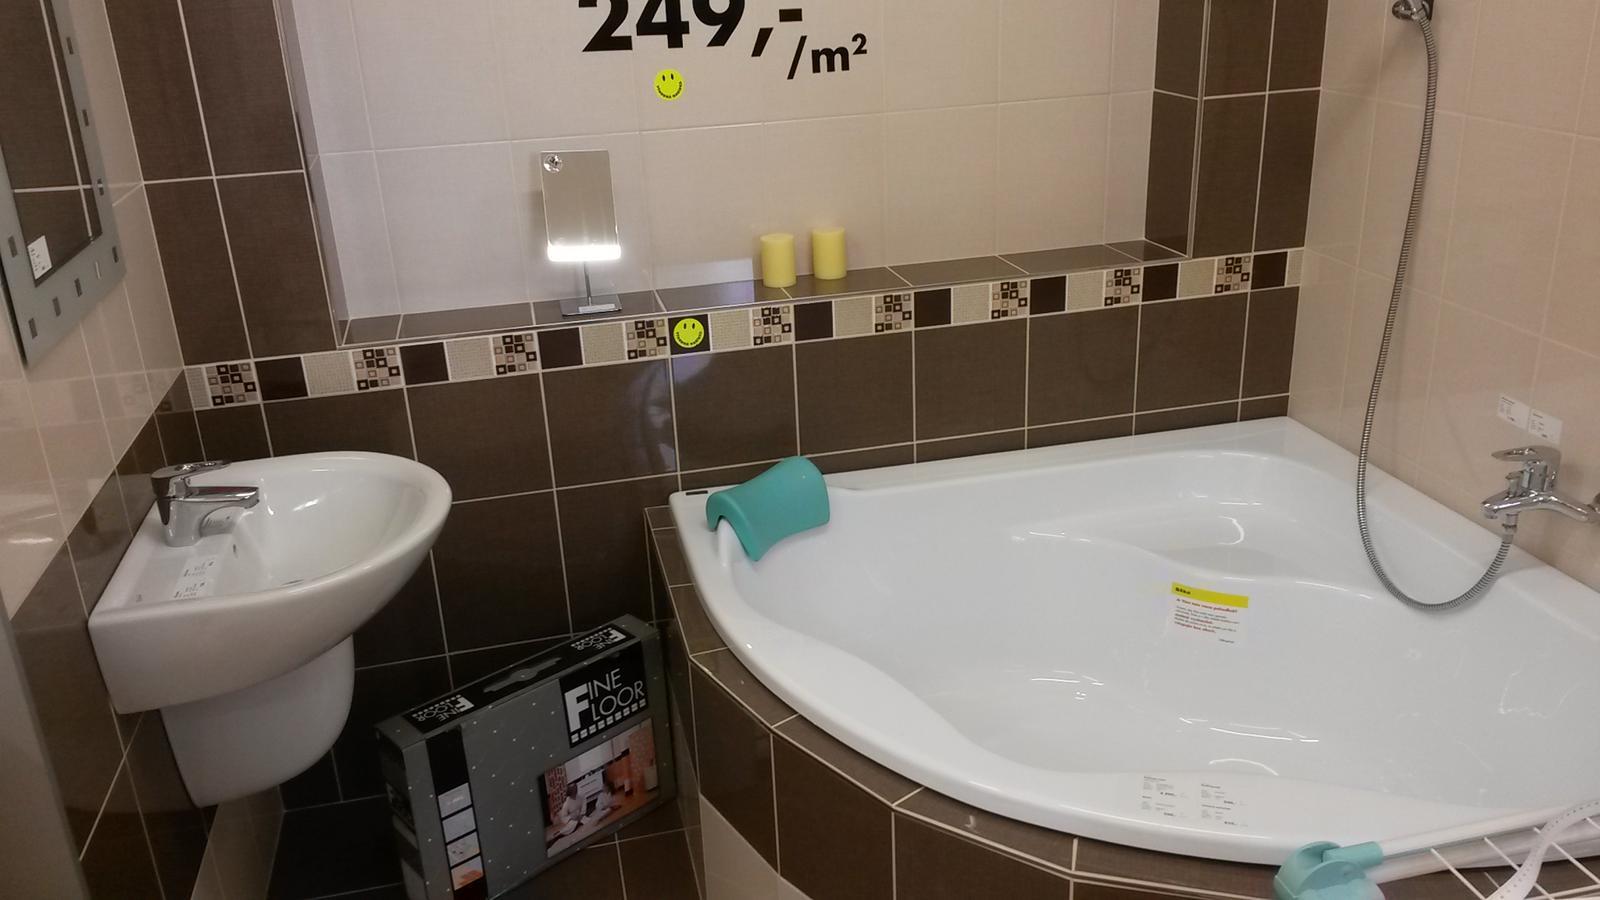 Siko Jesenice - Rozměrově podobná koupelna a vejde se tam i 140x140 vana... Super